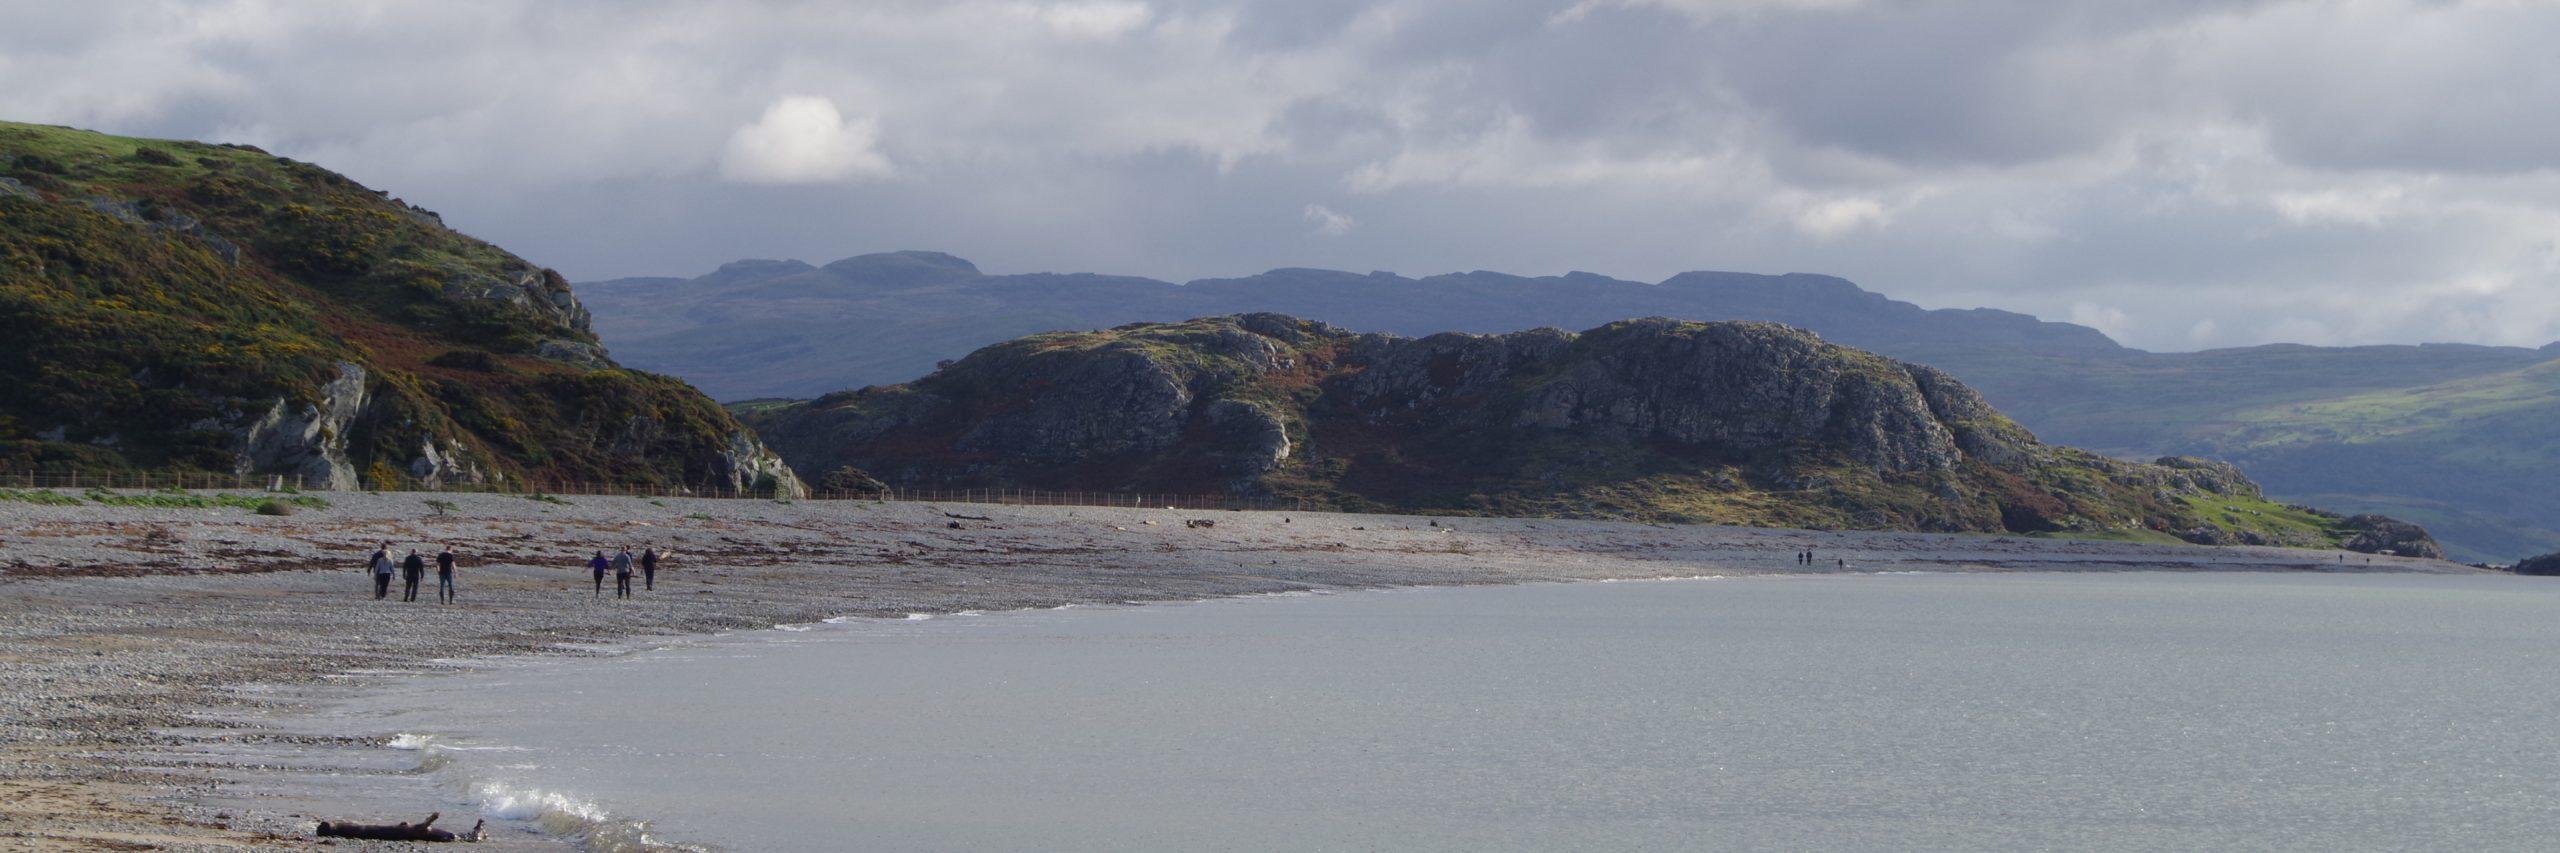 Walk the stony beach